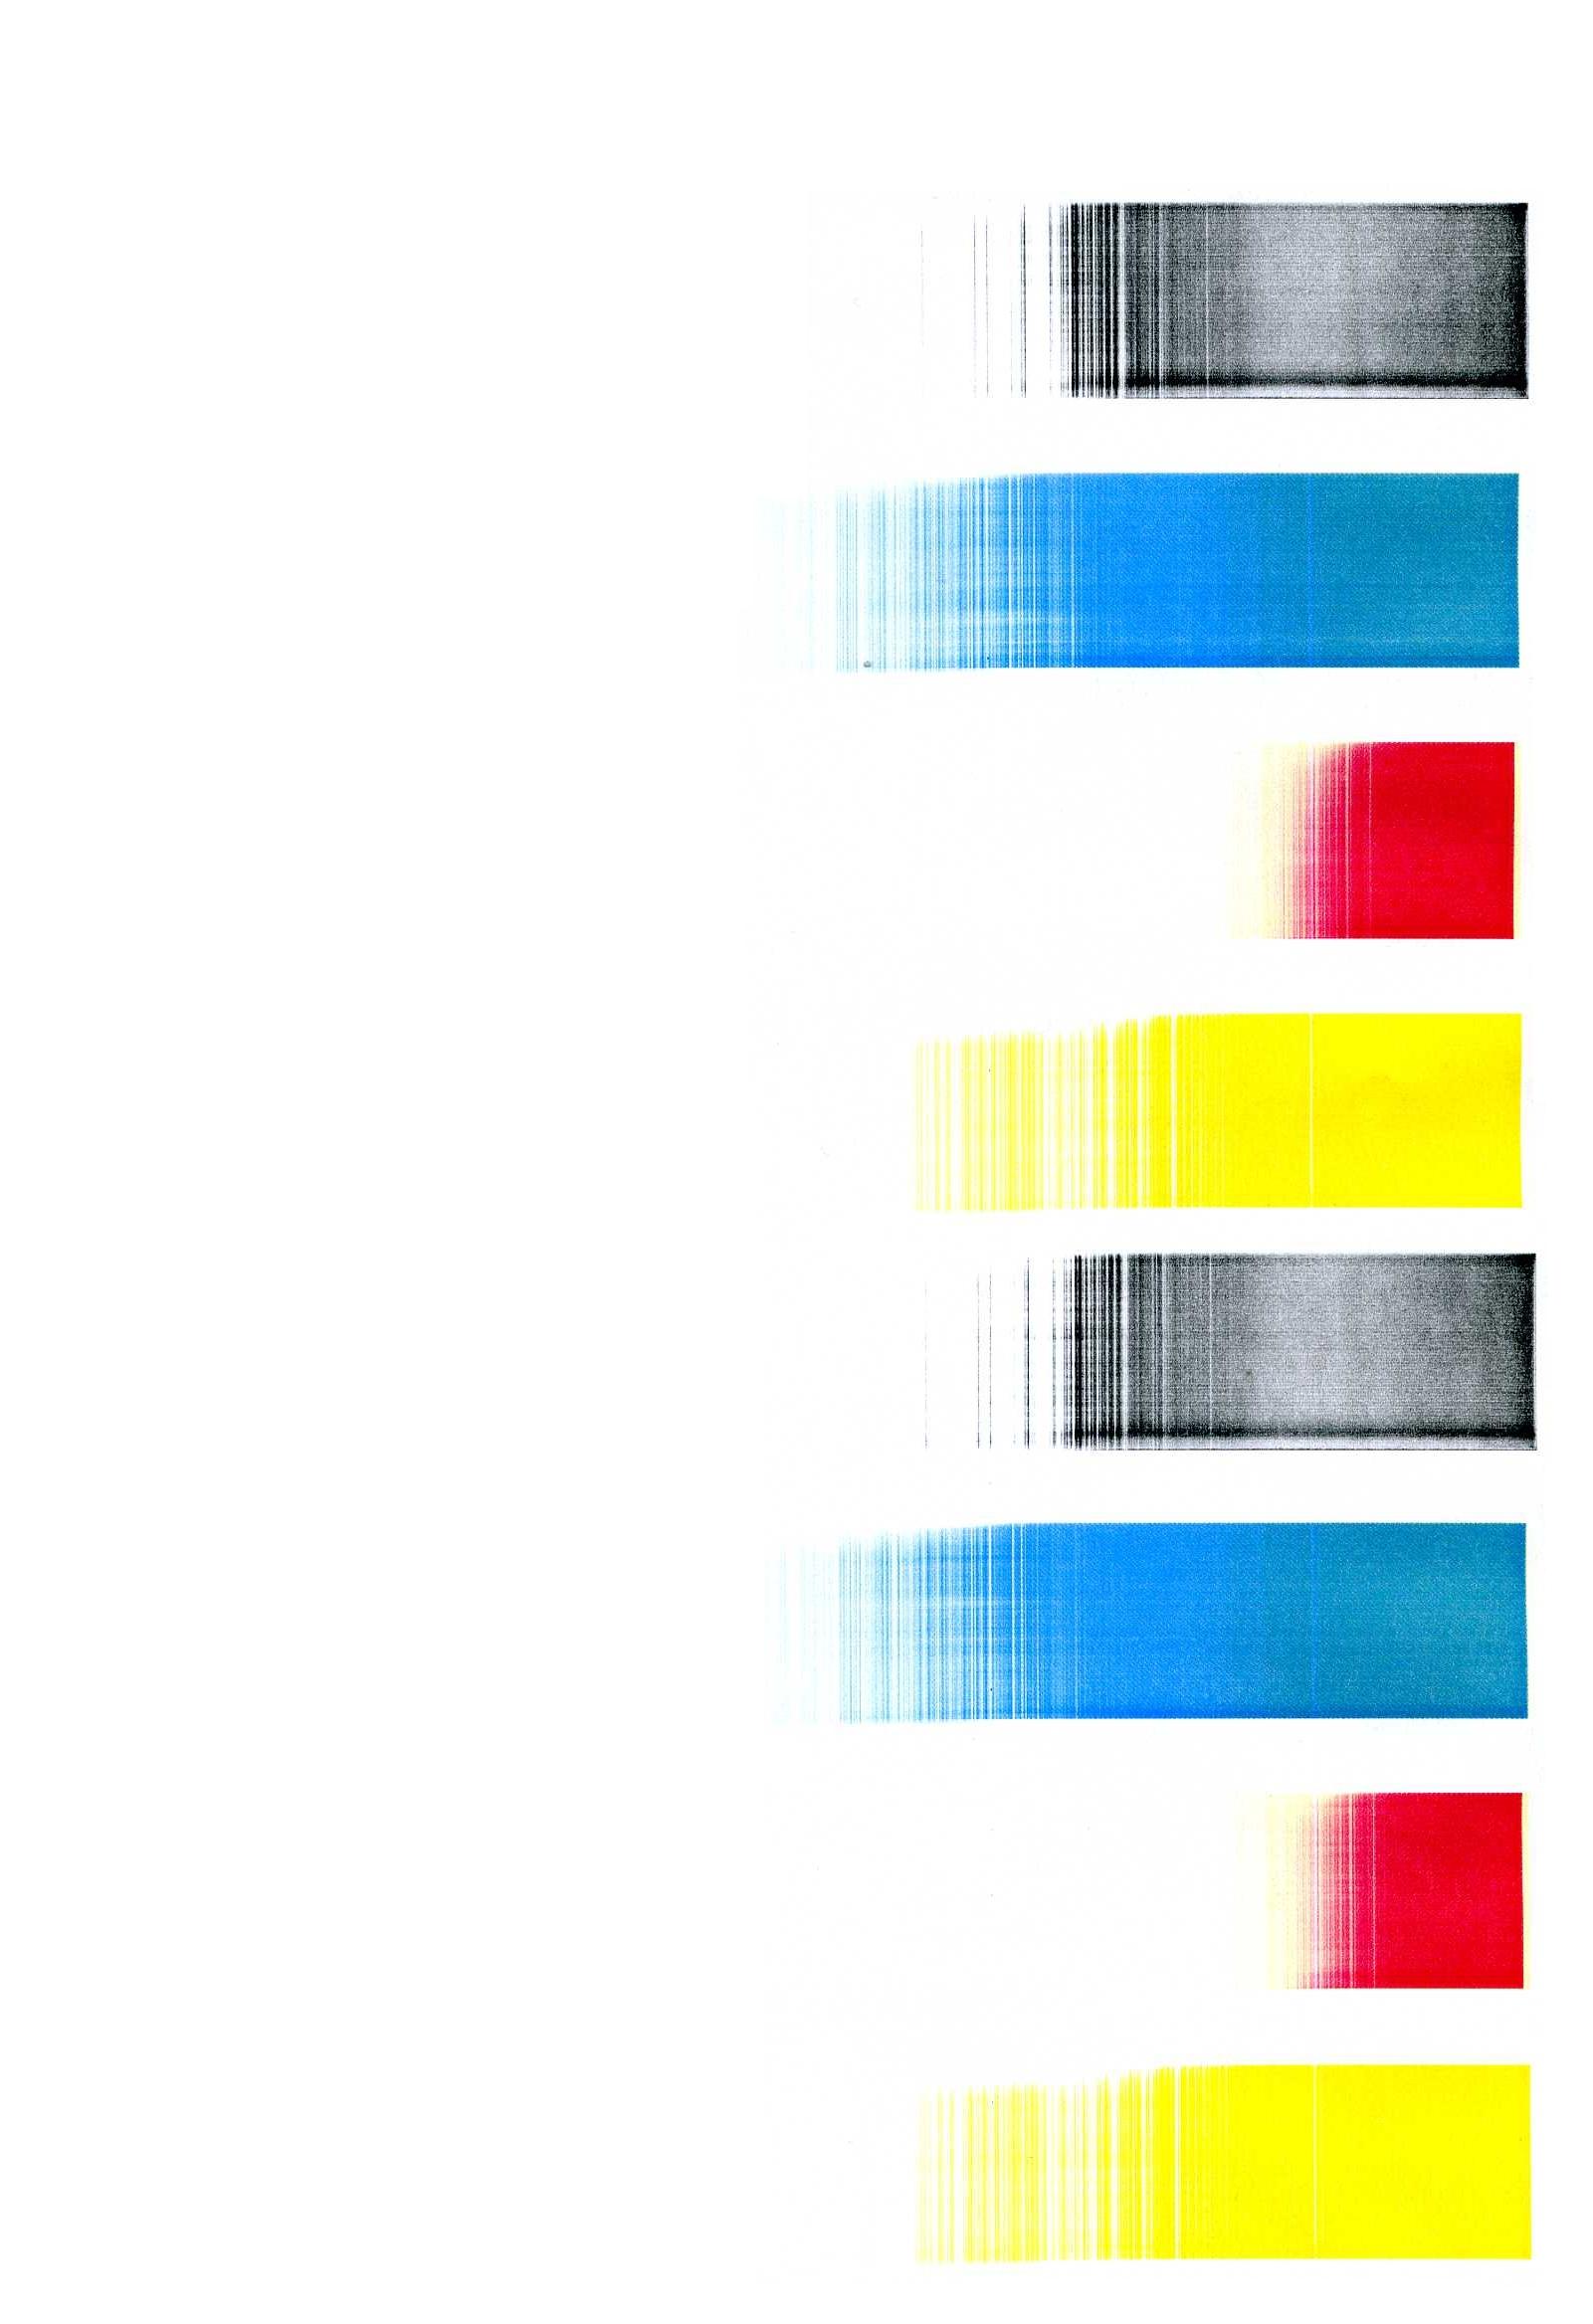 HP 2600n - drukuje na 1/3 szeroko�ci strony